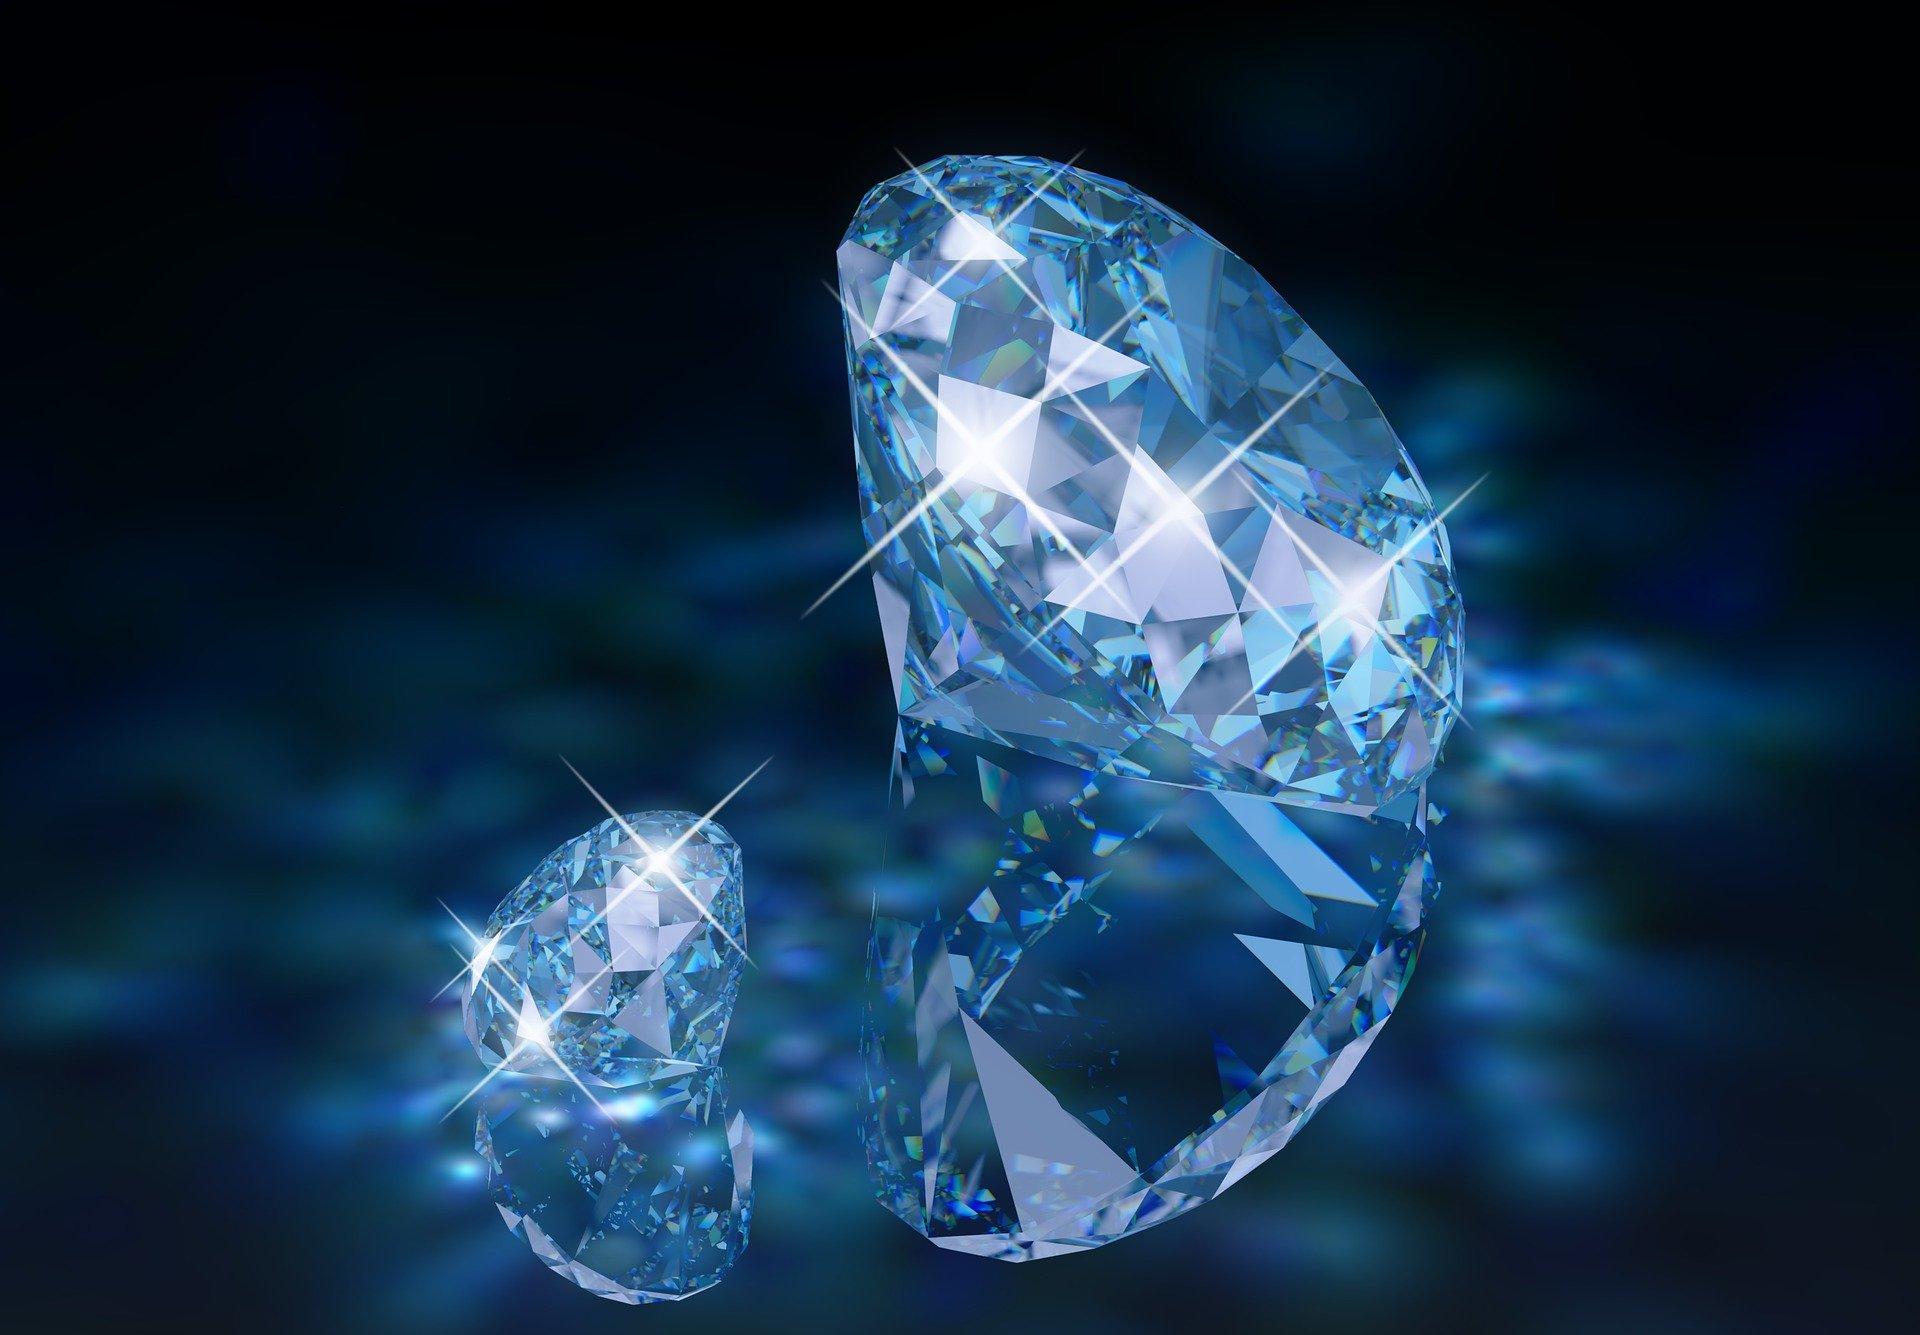 Blue faceted gems Pixabay